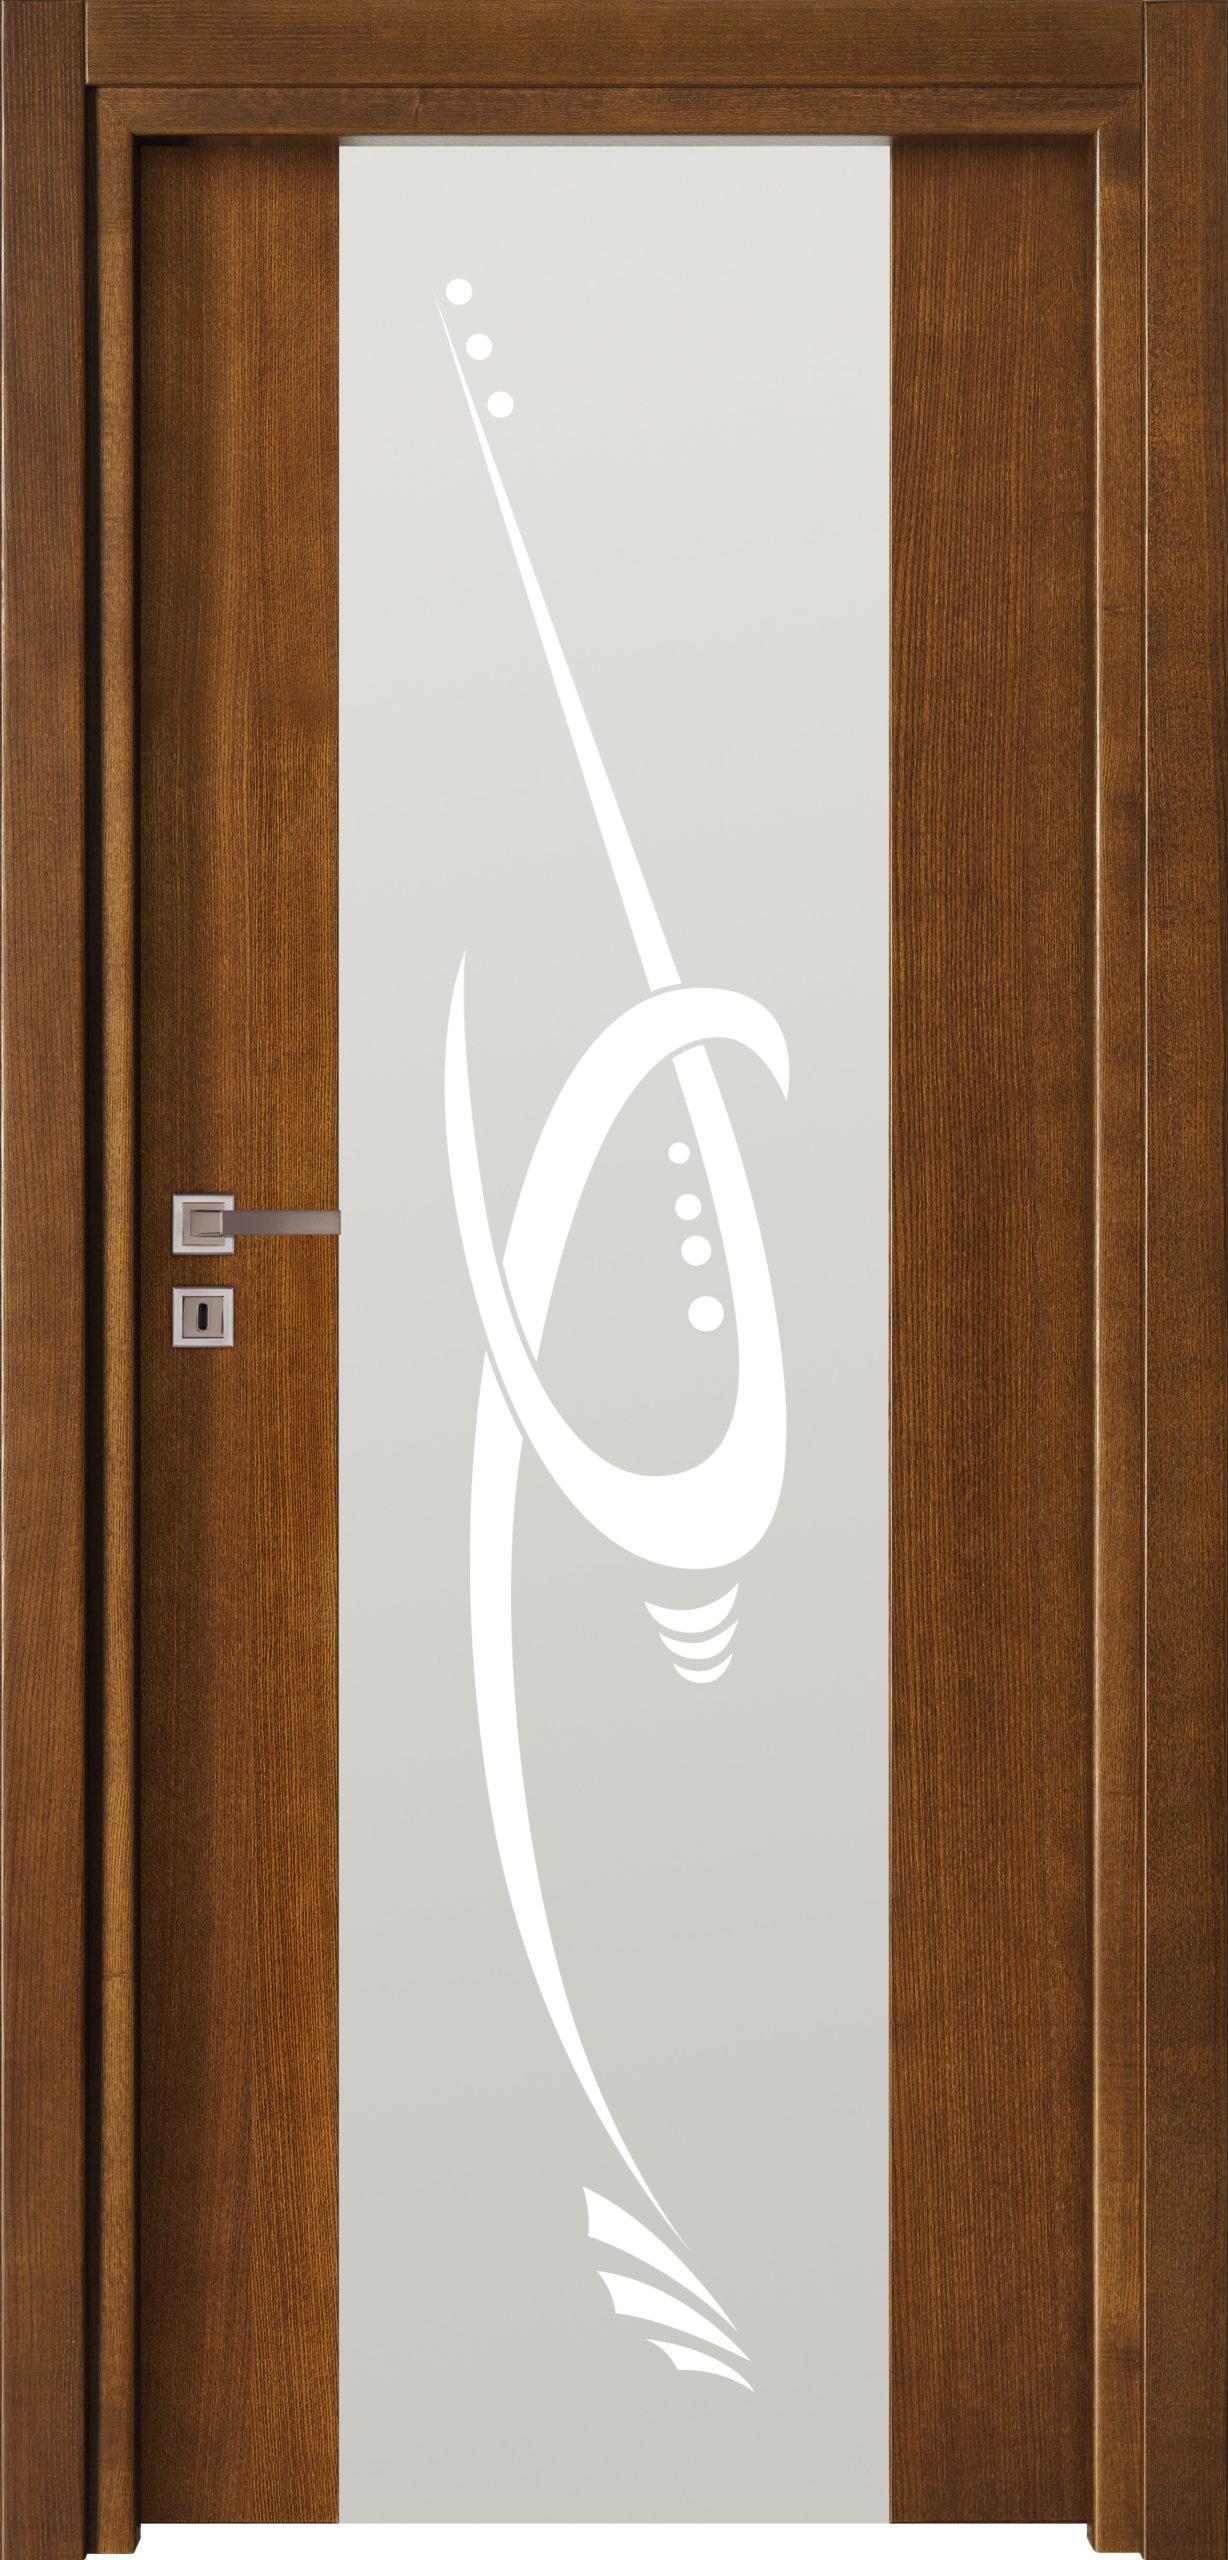 Focus A2 - jesion - jasny brunat - szklenie lacomat bezpieczny - ościeżnica przylgowa regulowana drewniana prosta (IIa)